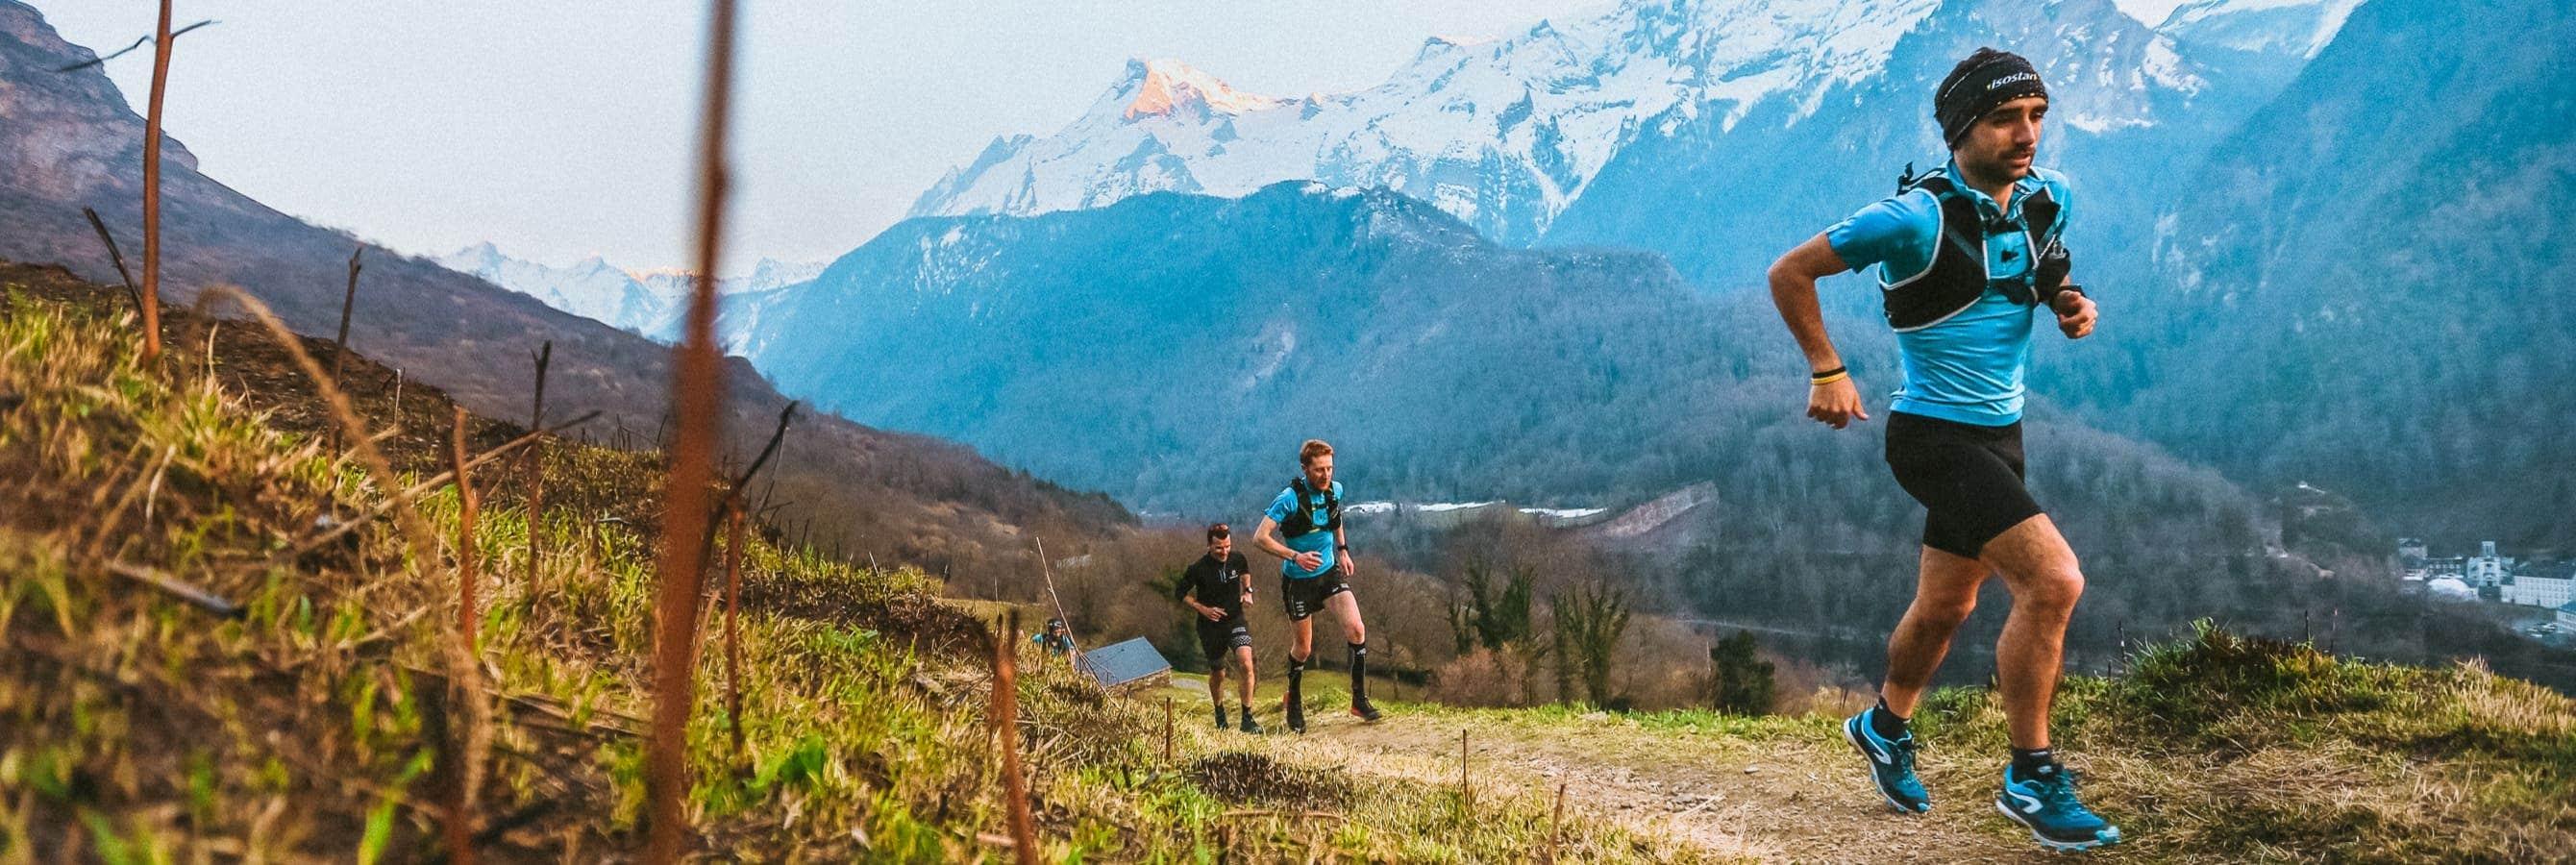 La team Isostar avec Jonathan Parisé, Augustin Guibert et Régis Durand lors du Grand trail de la vallée d'Ossau